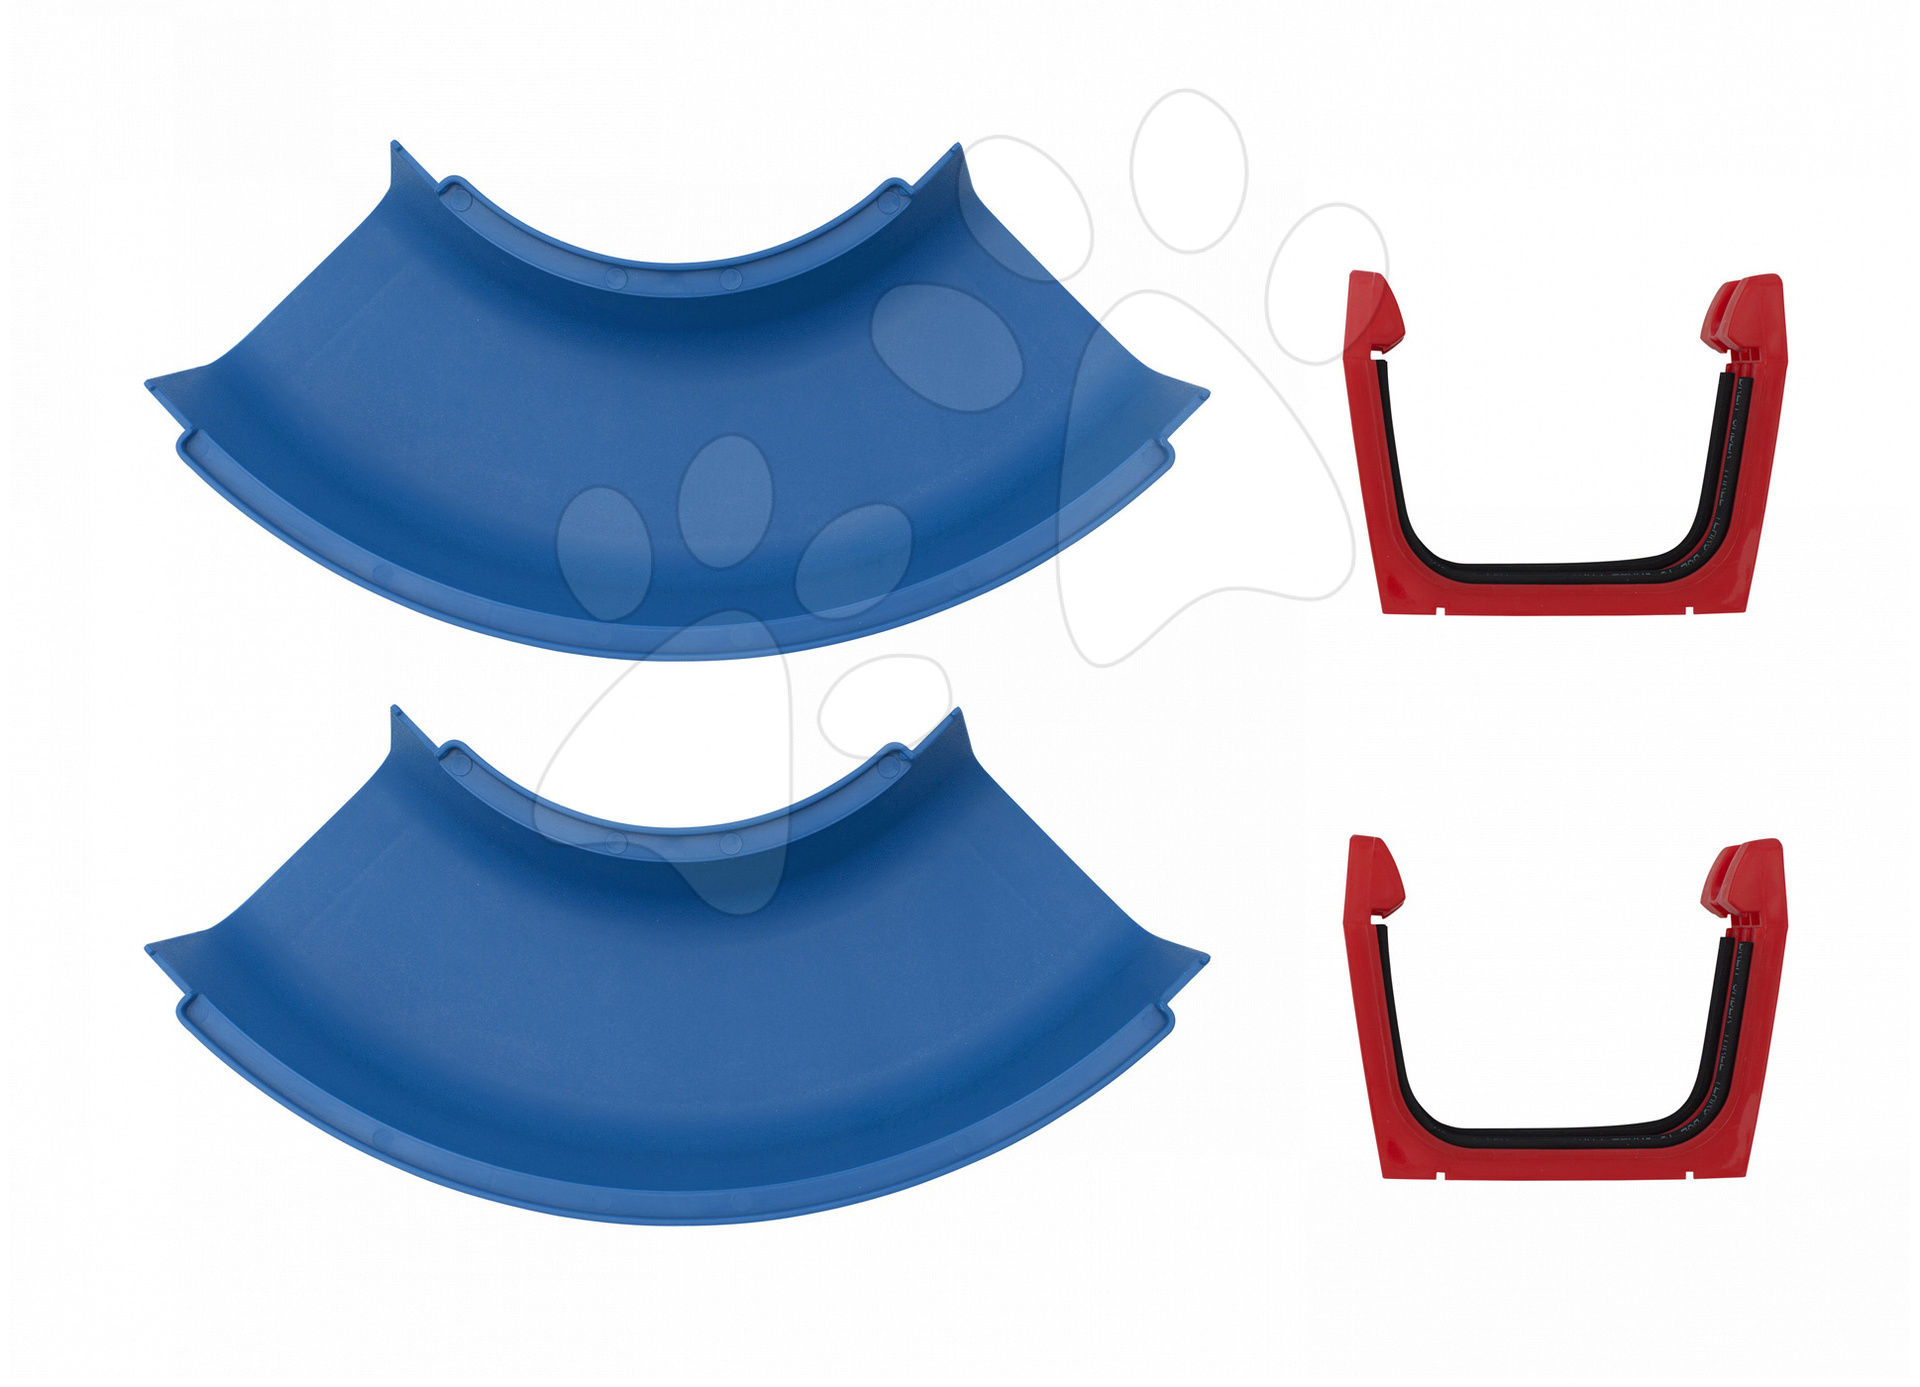 Doplnkové diely Aquaplay oblá časť k vodným dráham - set 2 kusov s tesnením